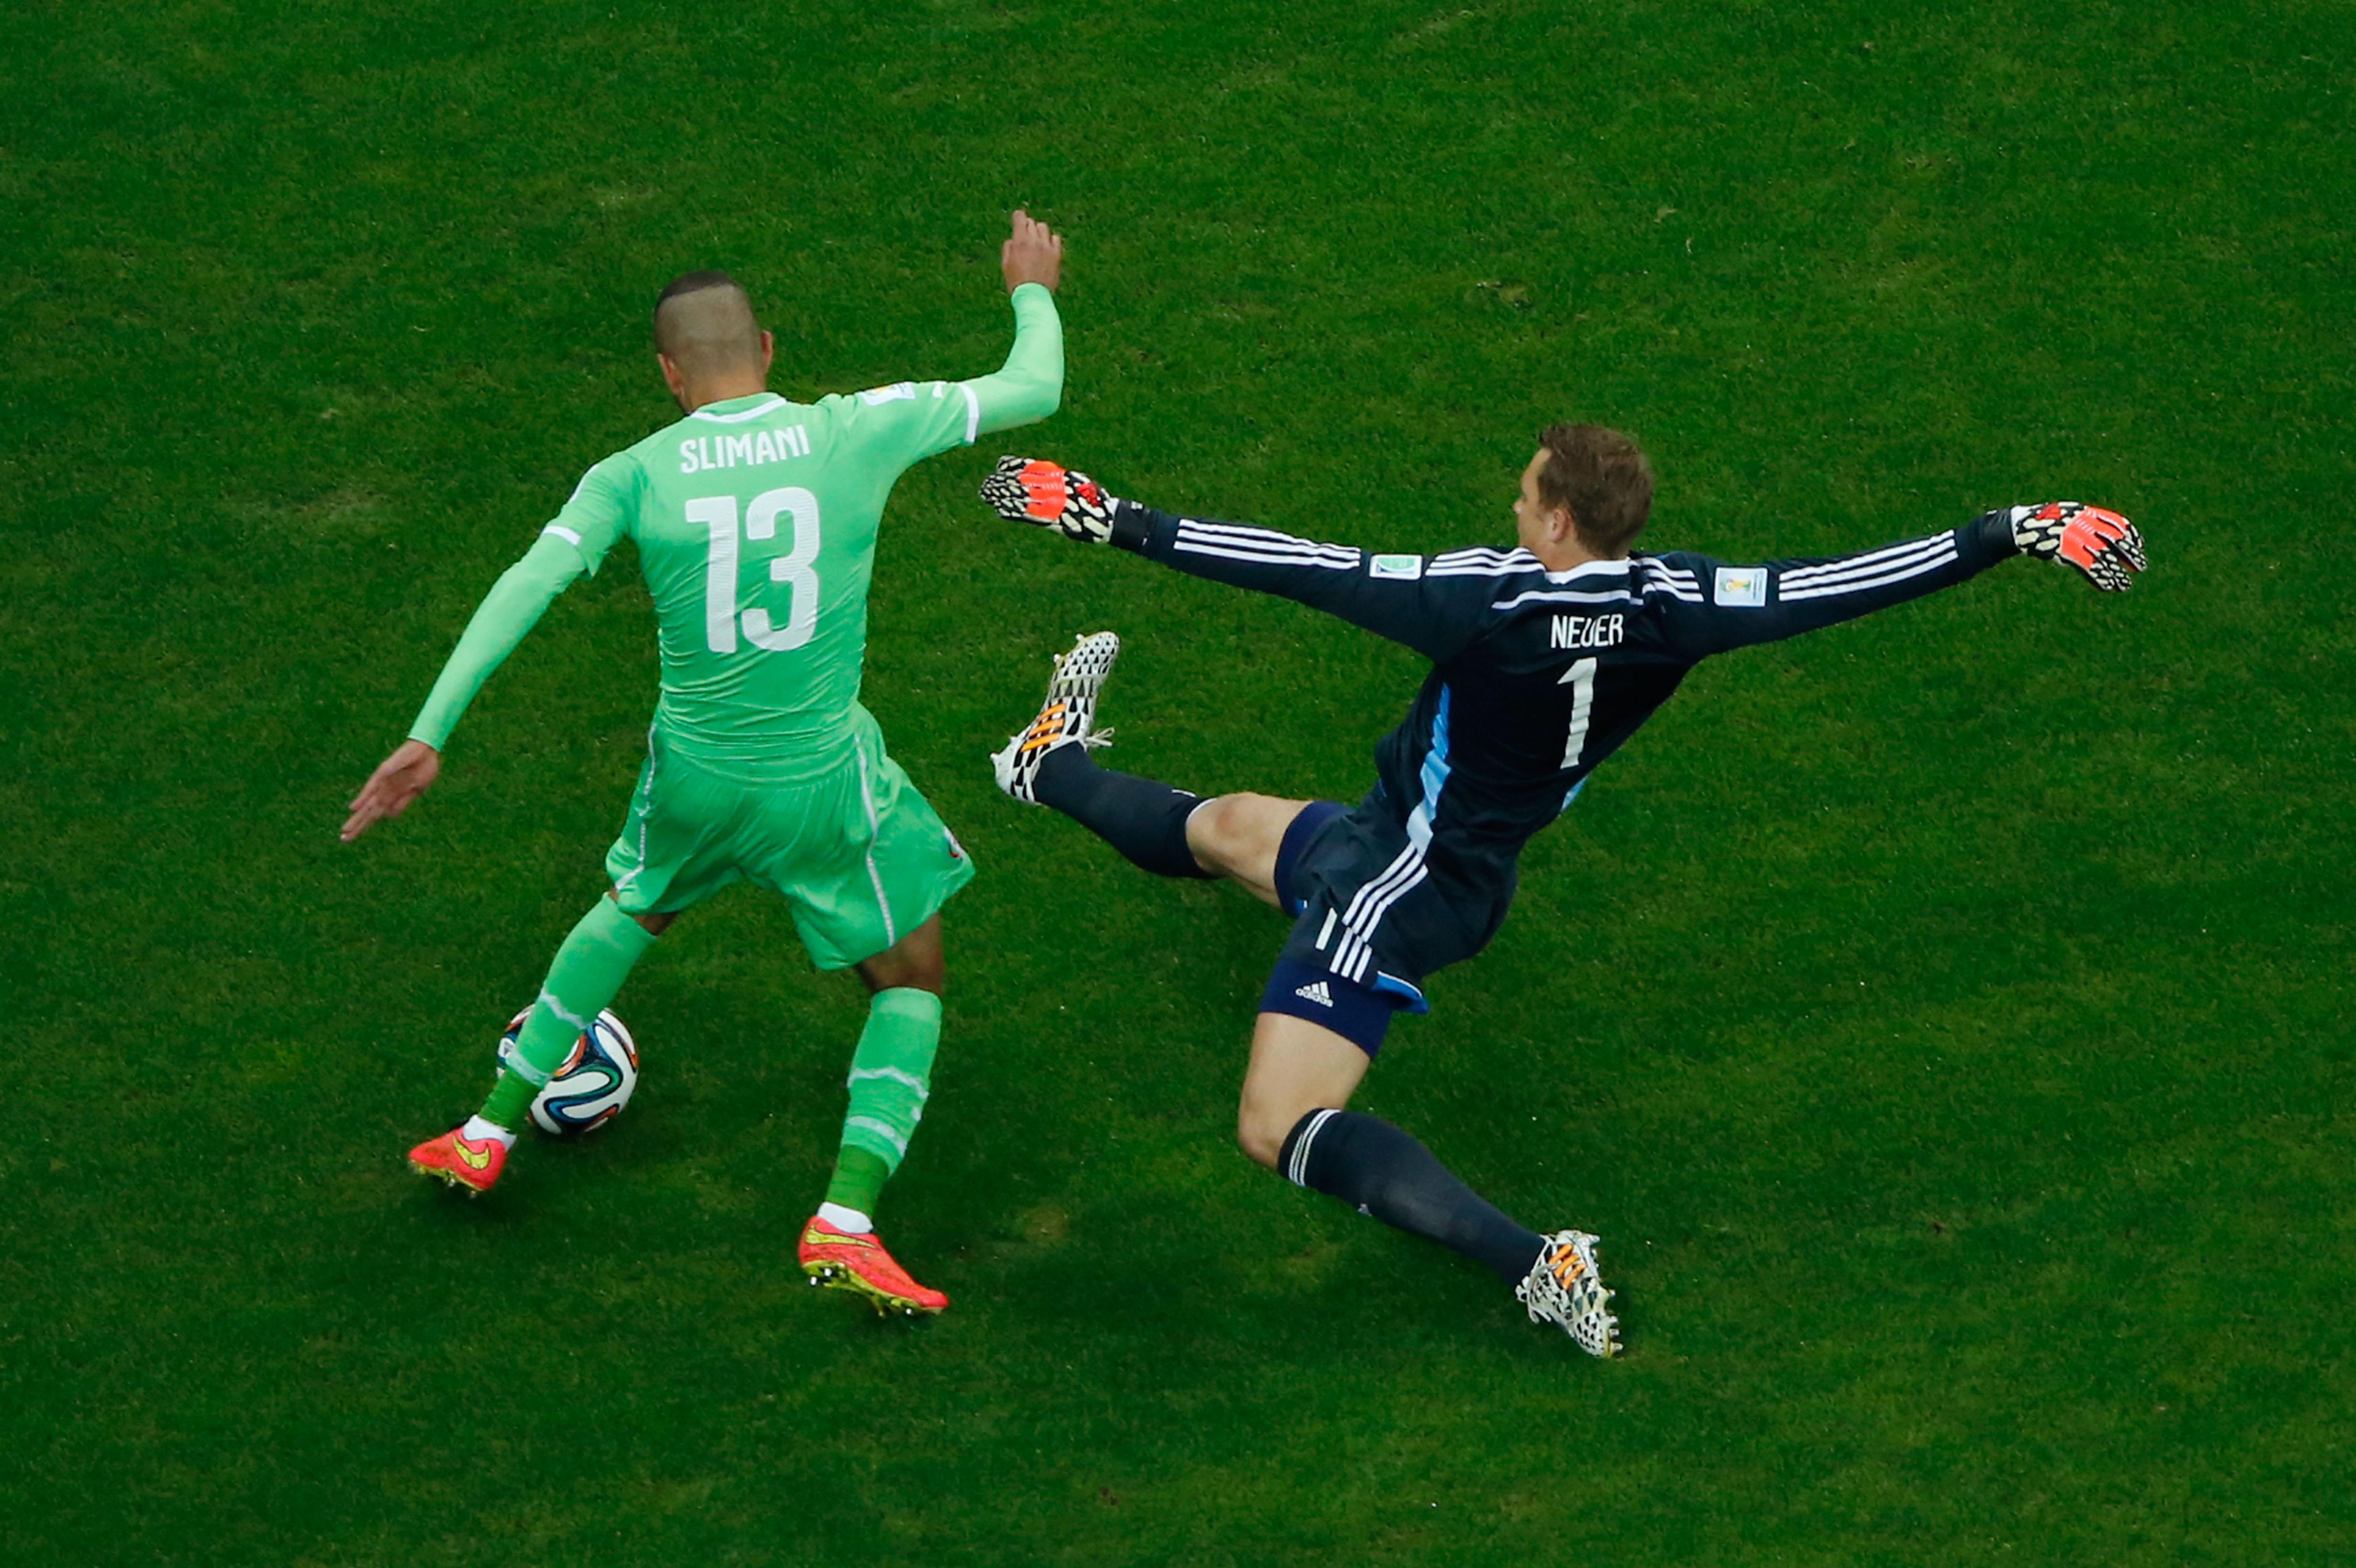 Still a better tackler than Shkodran Mustafi